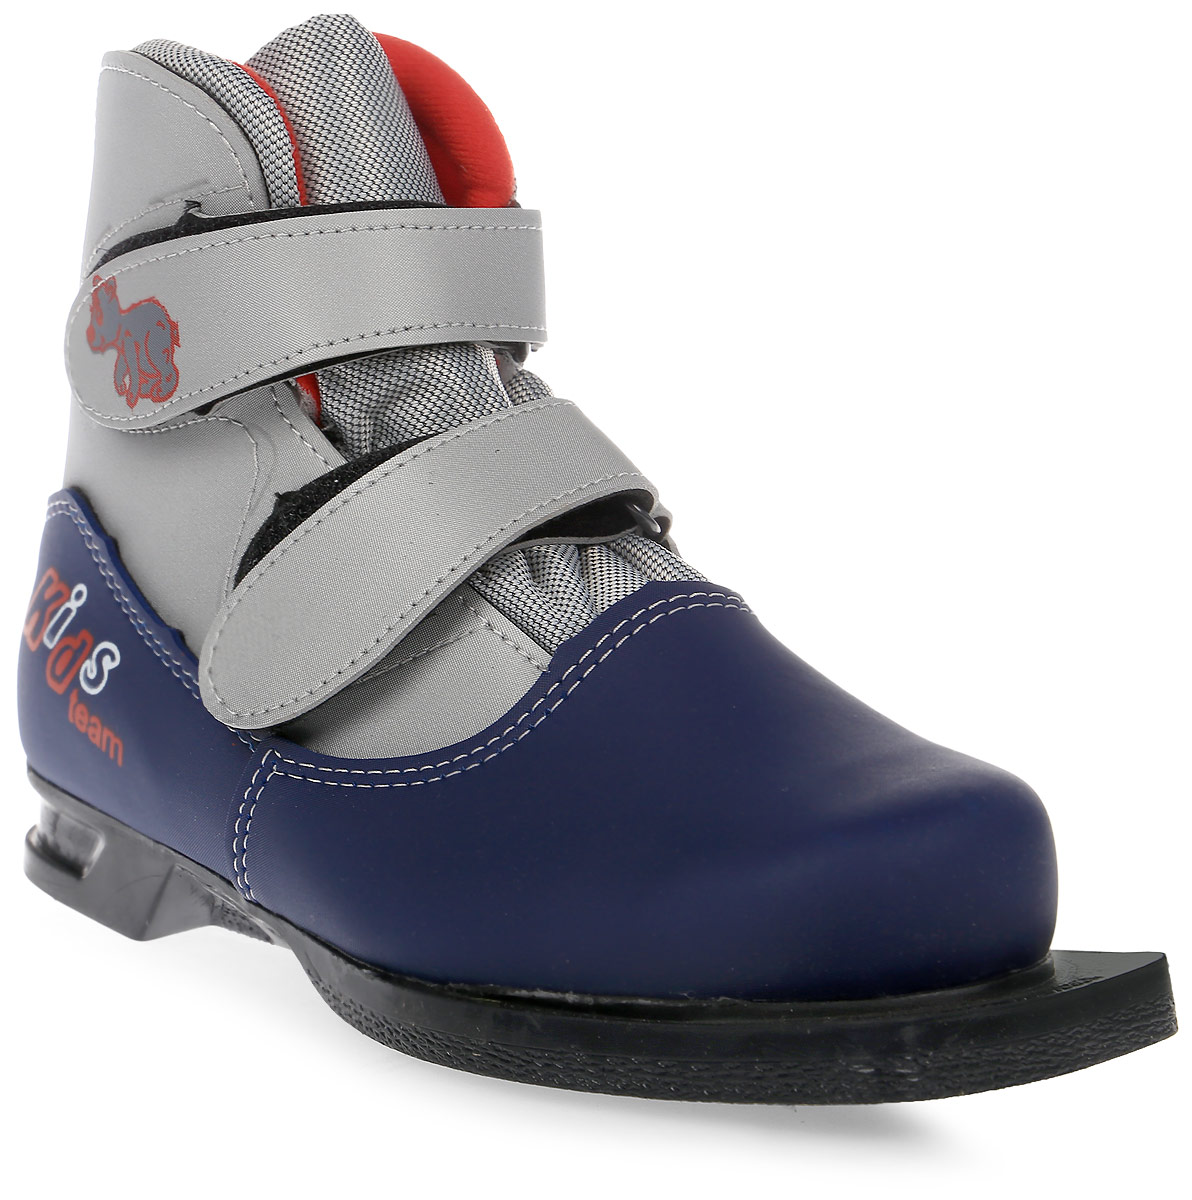 Ботинки лыжные детские Marax, цвет: серый, желтый. NN75. Размер 34NN75 Kids_серый, желтый_34Лыжные детские ботинки Marax предназначены для активного отдыха. Модельизготовлена из морозостойкой искусственной кожи и текстиля. Подкладка выполнена из искусственного меха и флиса, благодаря чему ваши ноги всегда будут в тепле. Шерстяная стелька комфортна при беге. Вставка на заднике обеспечивает дополнительную жесткость, позволяя дольше сохранять первоначальную форму ботинка и предотвращать натирание стопы. Ботинки снабжены удобными застежками-липучками, которые надежно фиксируют модель на ноге и регулируют объем, а также язычком-клапаном, который защищает от попадания снега и влаги. Подошва системы 75 мм из двухкомпонентной резины, является надежной и весьма простой системой крепежа и позволяет безбоязненно использовать ботинок до -30°С. В таких лыжных ботинках вам будет комфортно и уютно.